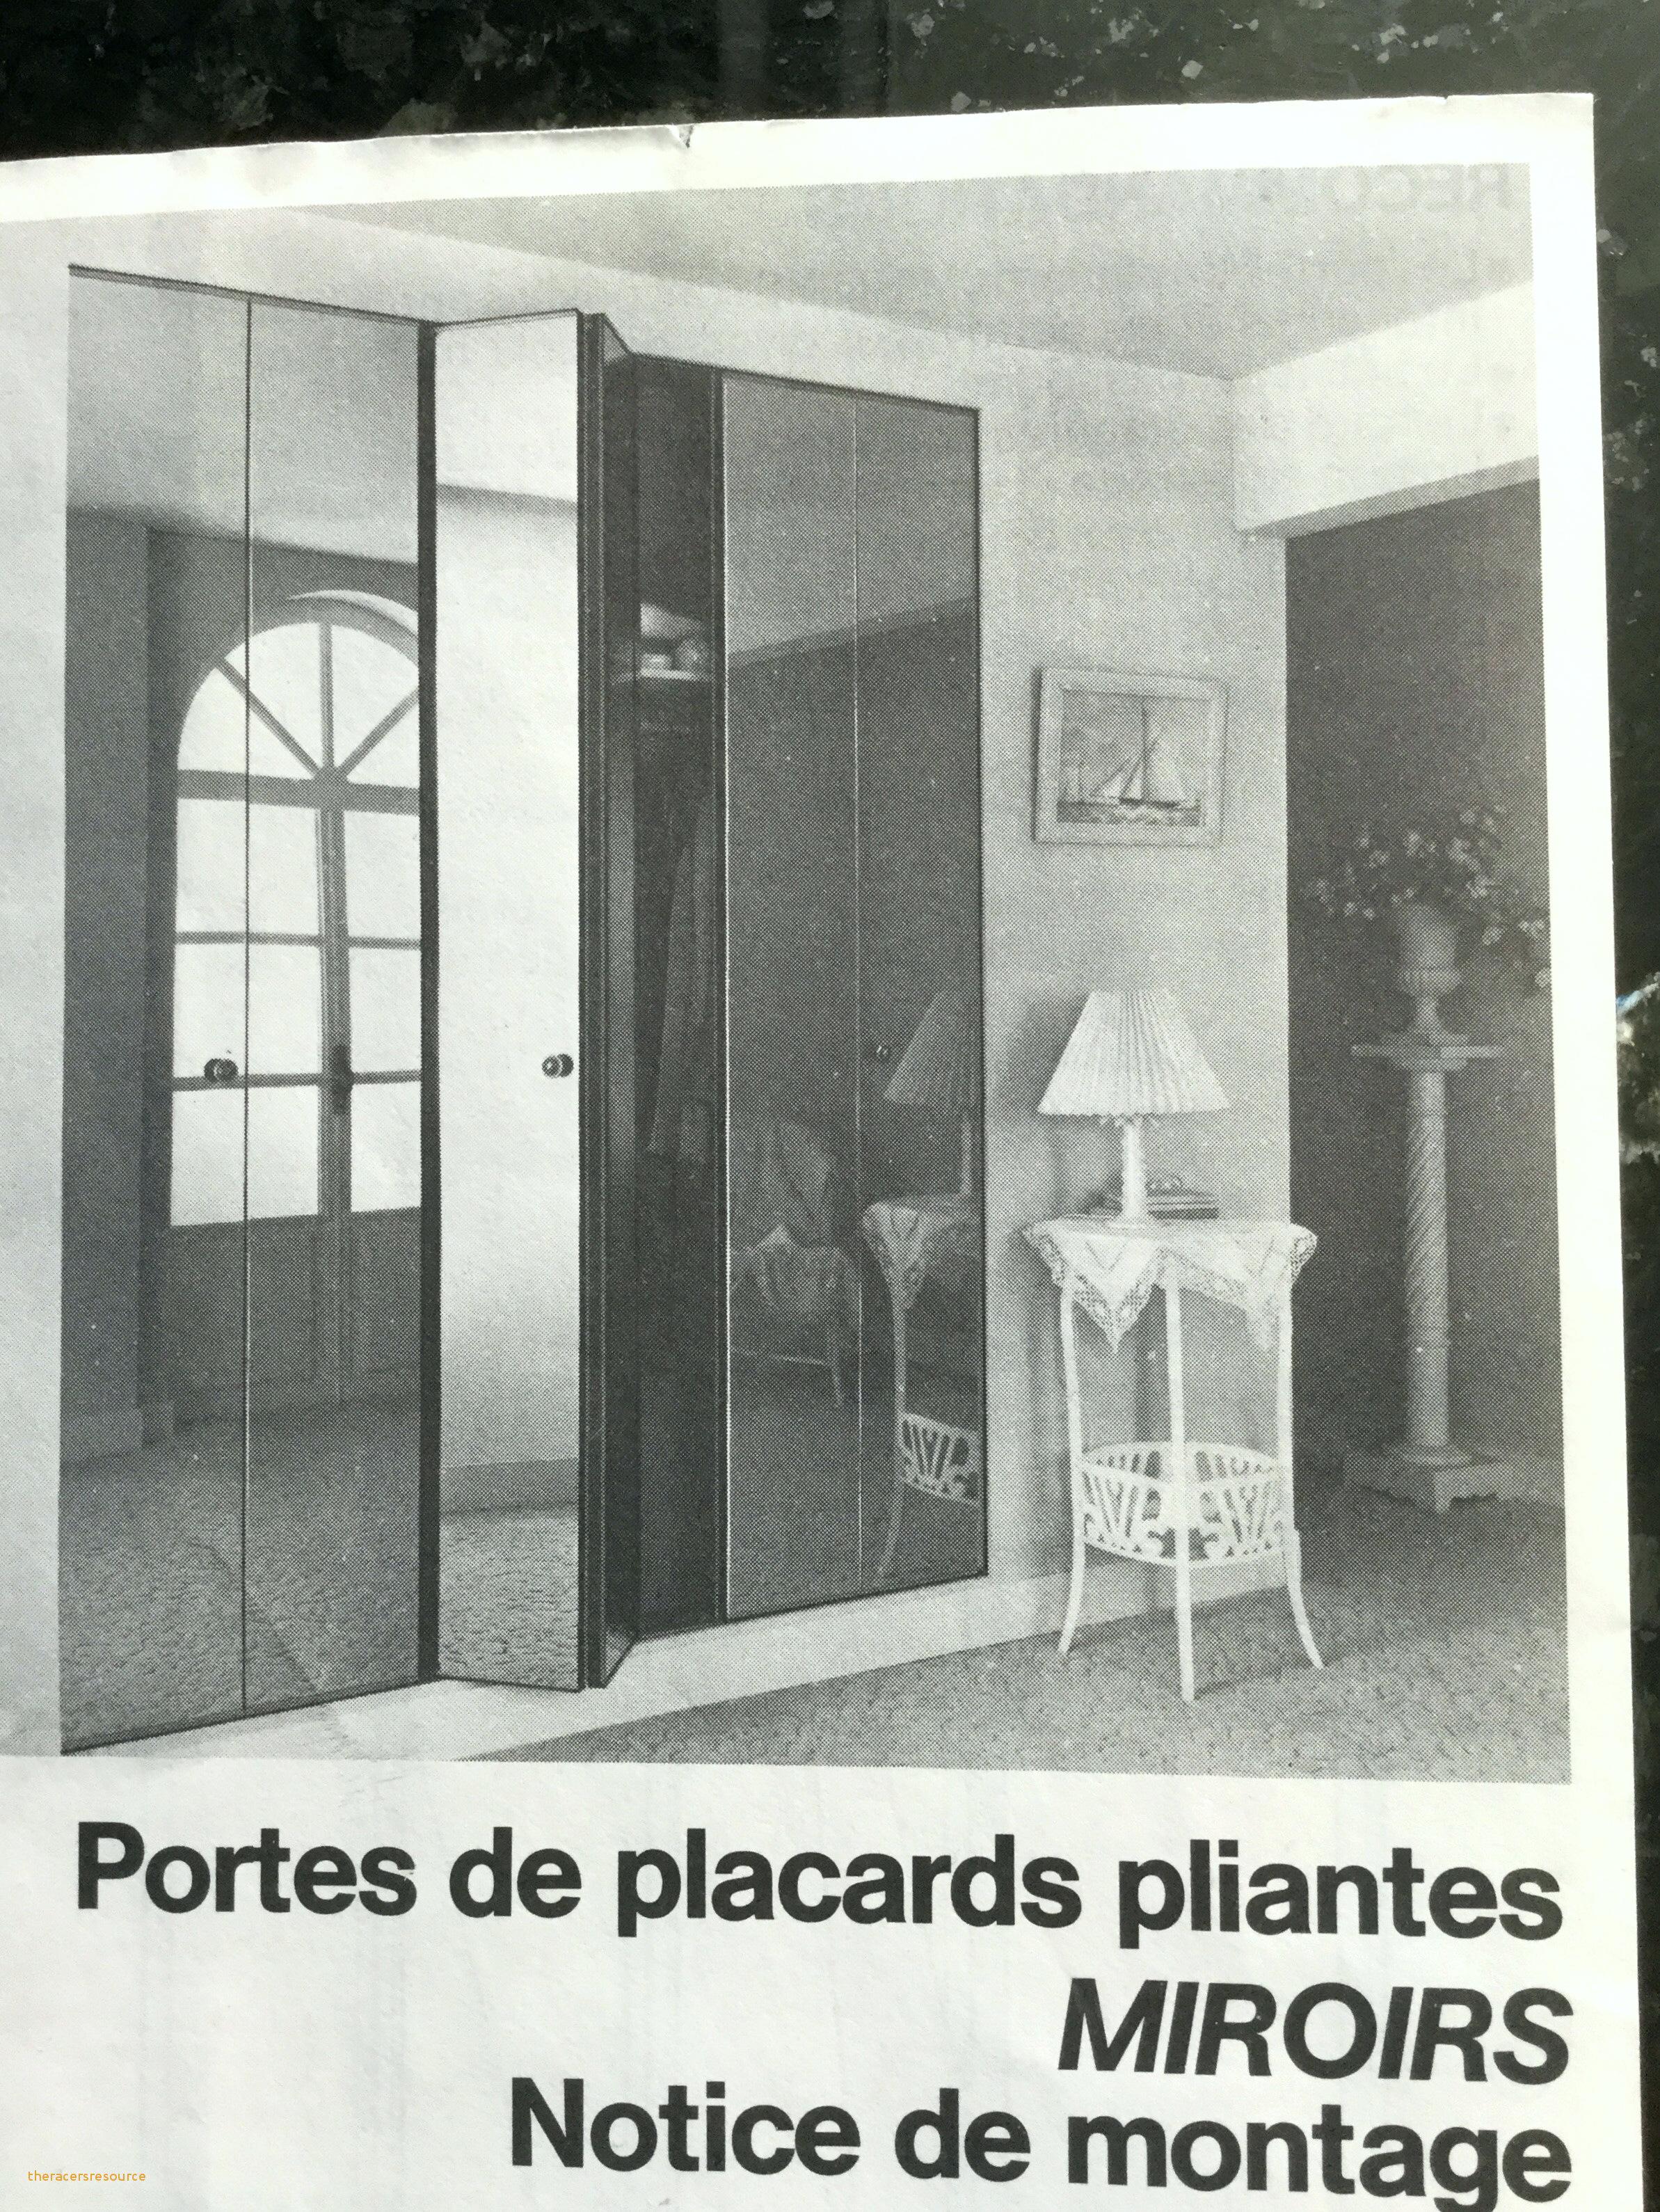 Portail D Occasion Le Bon Coin Beau Image Porte De Garage Manuelle Nouveau 50 Inspirant Collection Porte De